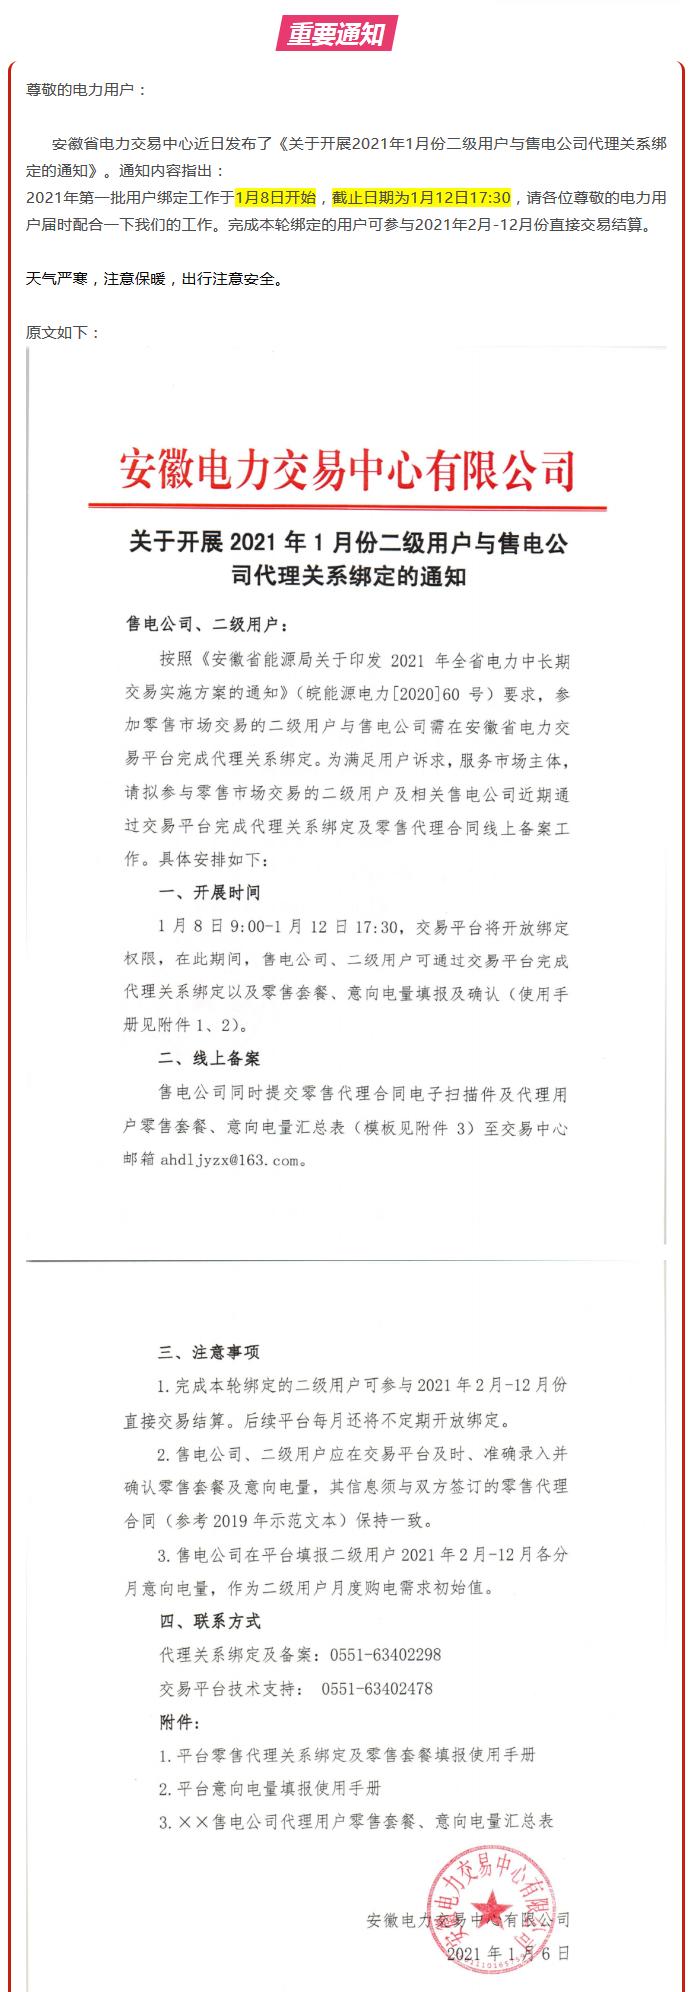 火狐截图_2021-01-07T08-30-56.187Z.png